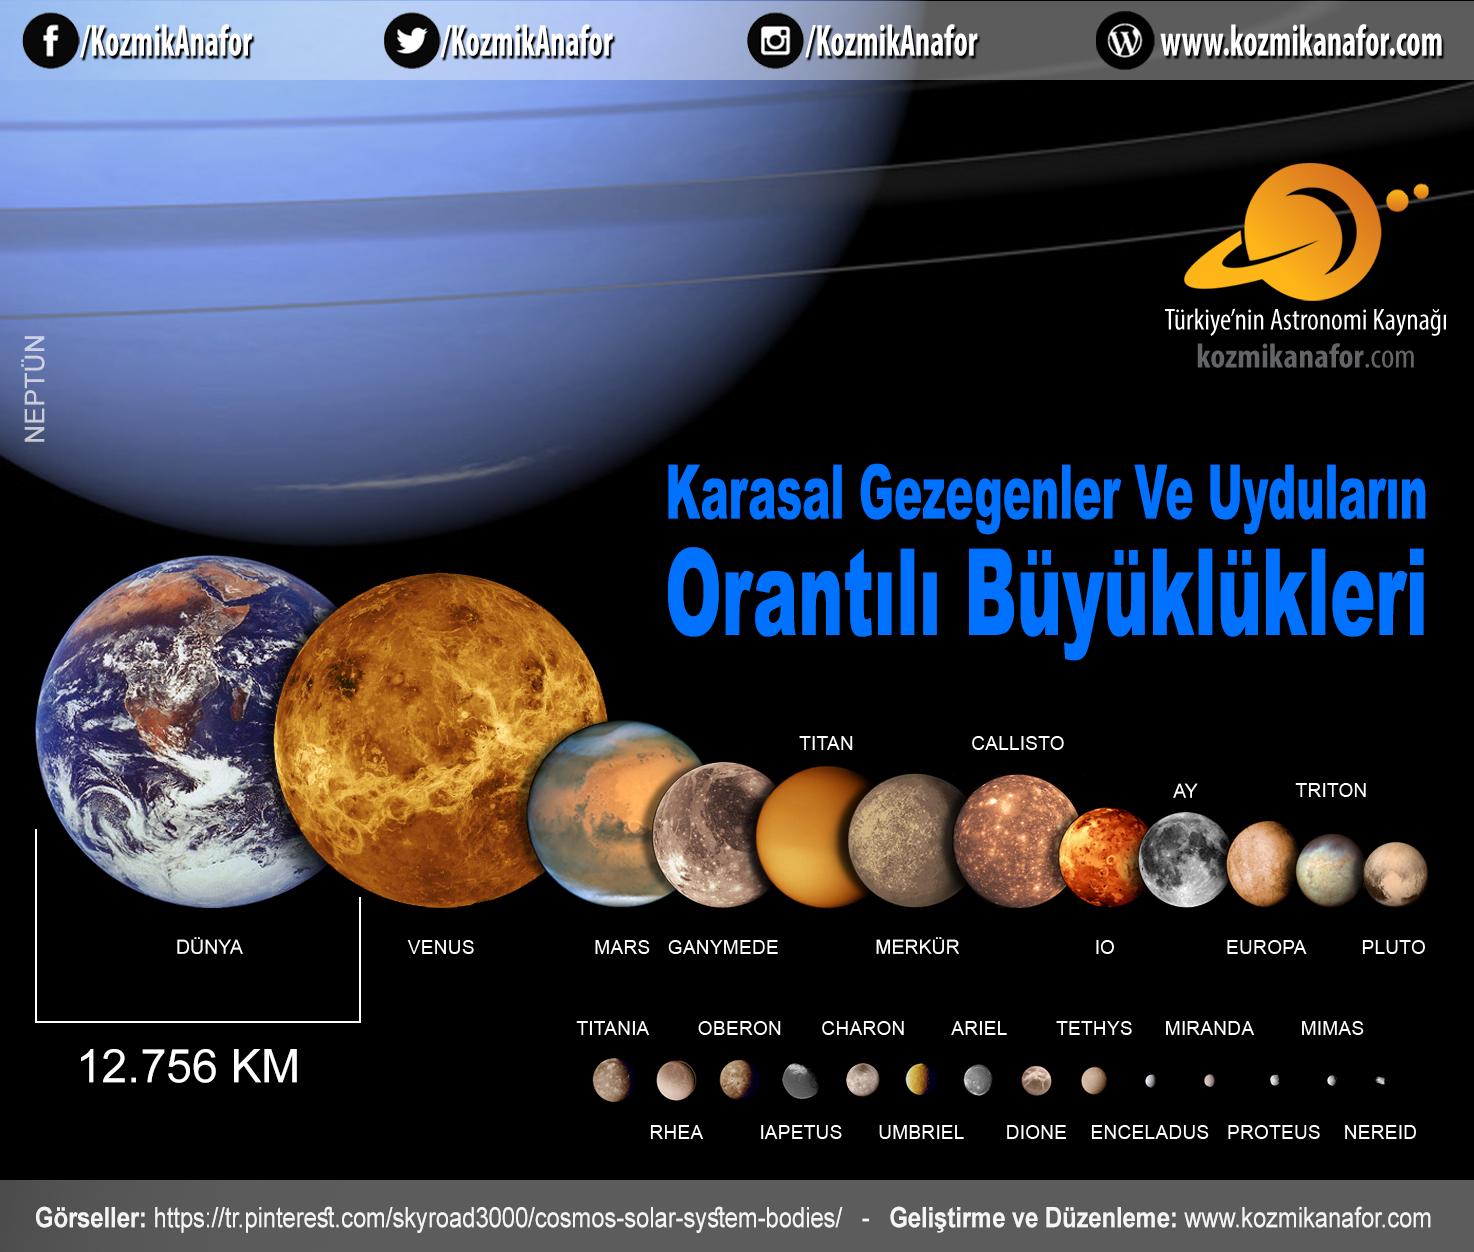 Karasal Terrestrial Gezegenler ve uydular